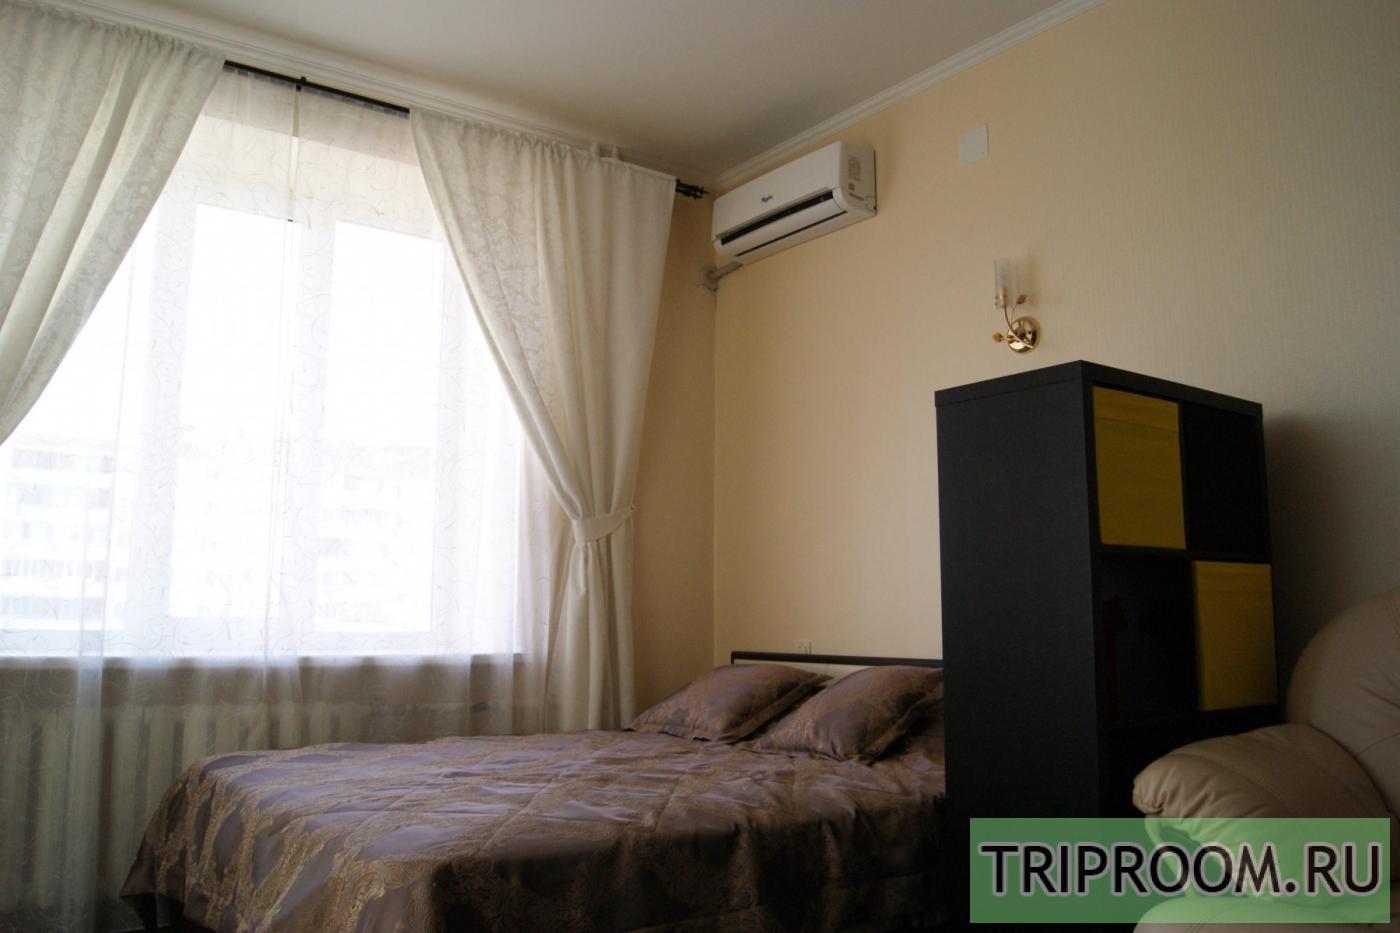 1-комнатная квартира посуточно (вариант № 22116), ул. Красноармейская улица, фото № 2